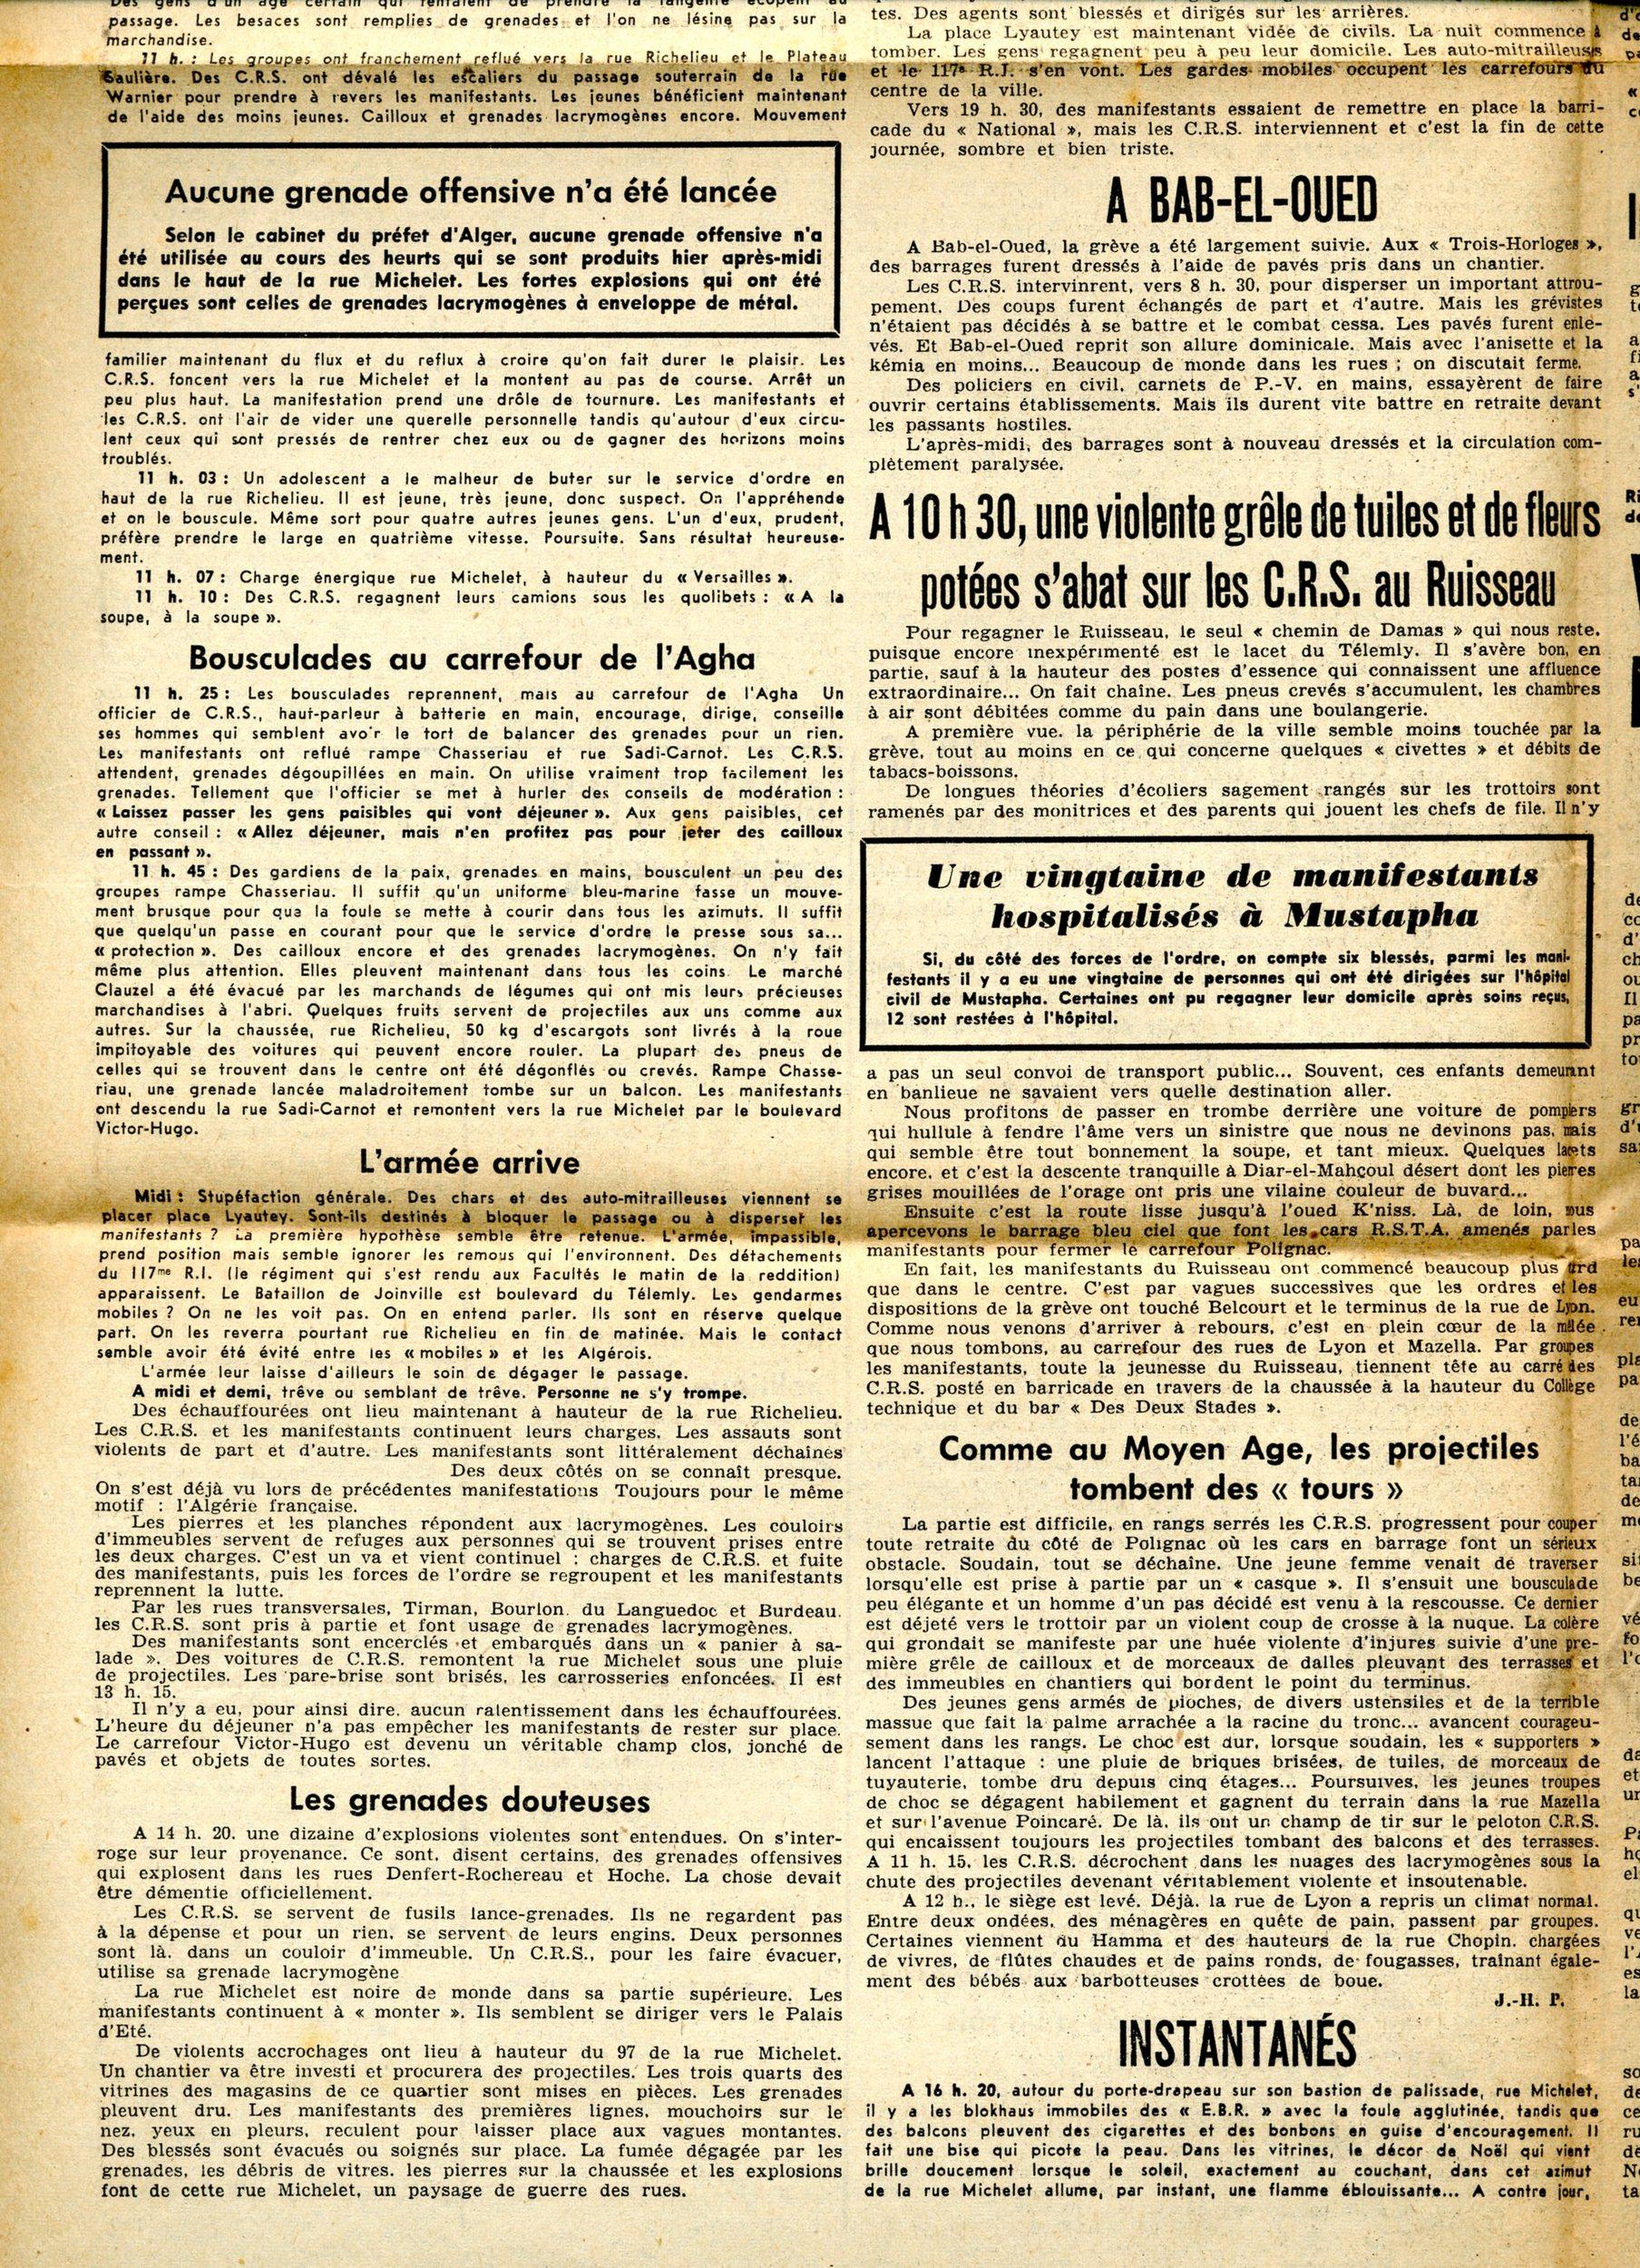 REC_MAN_JOUR19_journaux coupure3r suite1.jpg